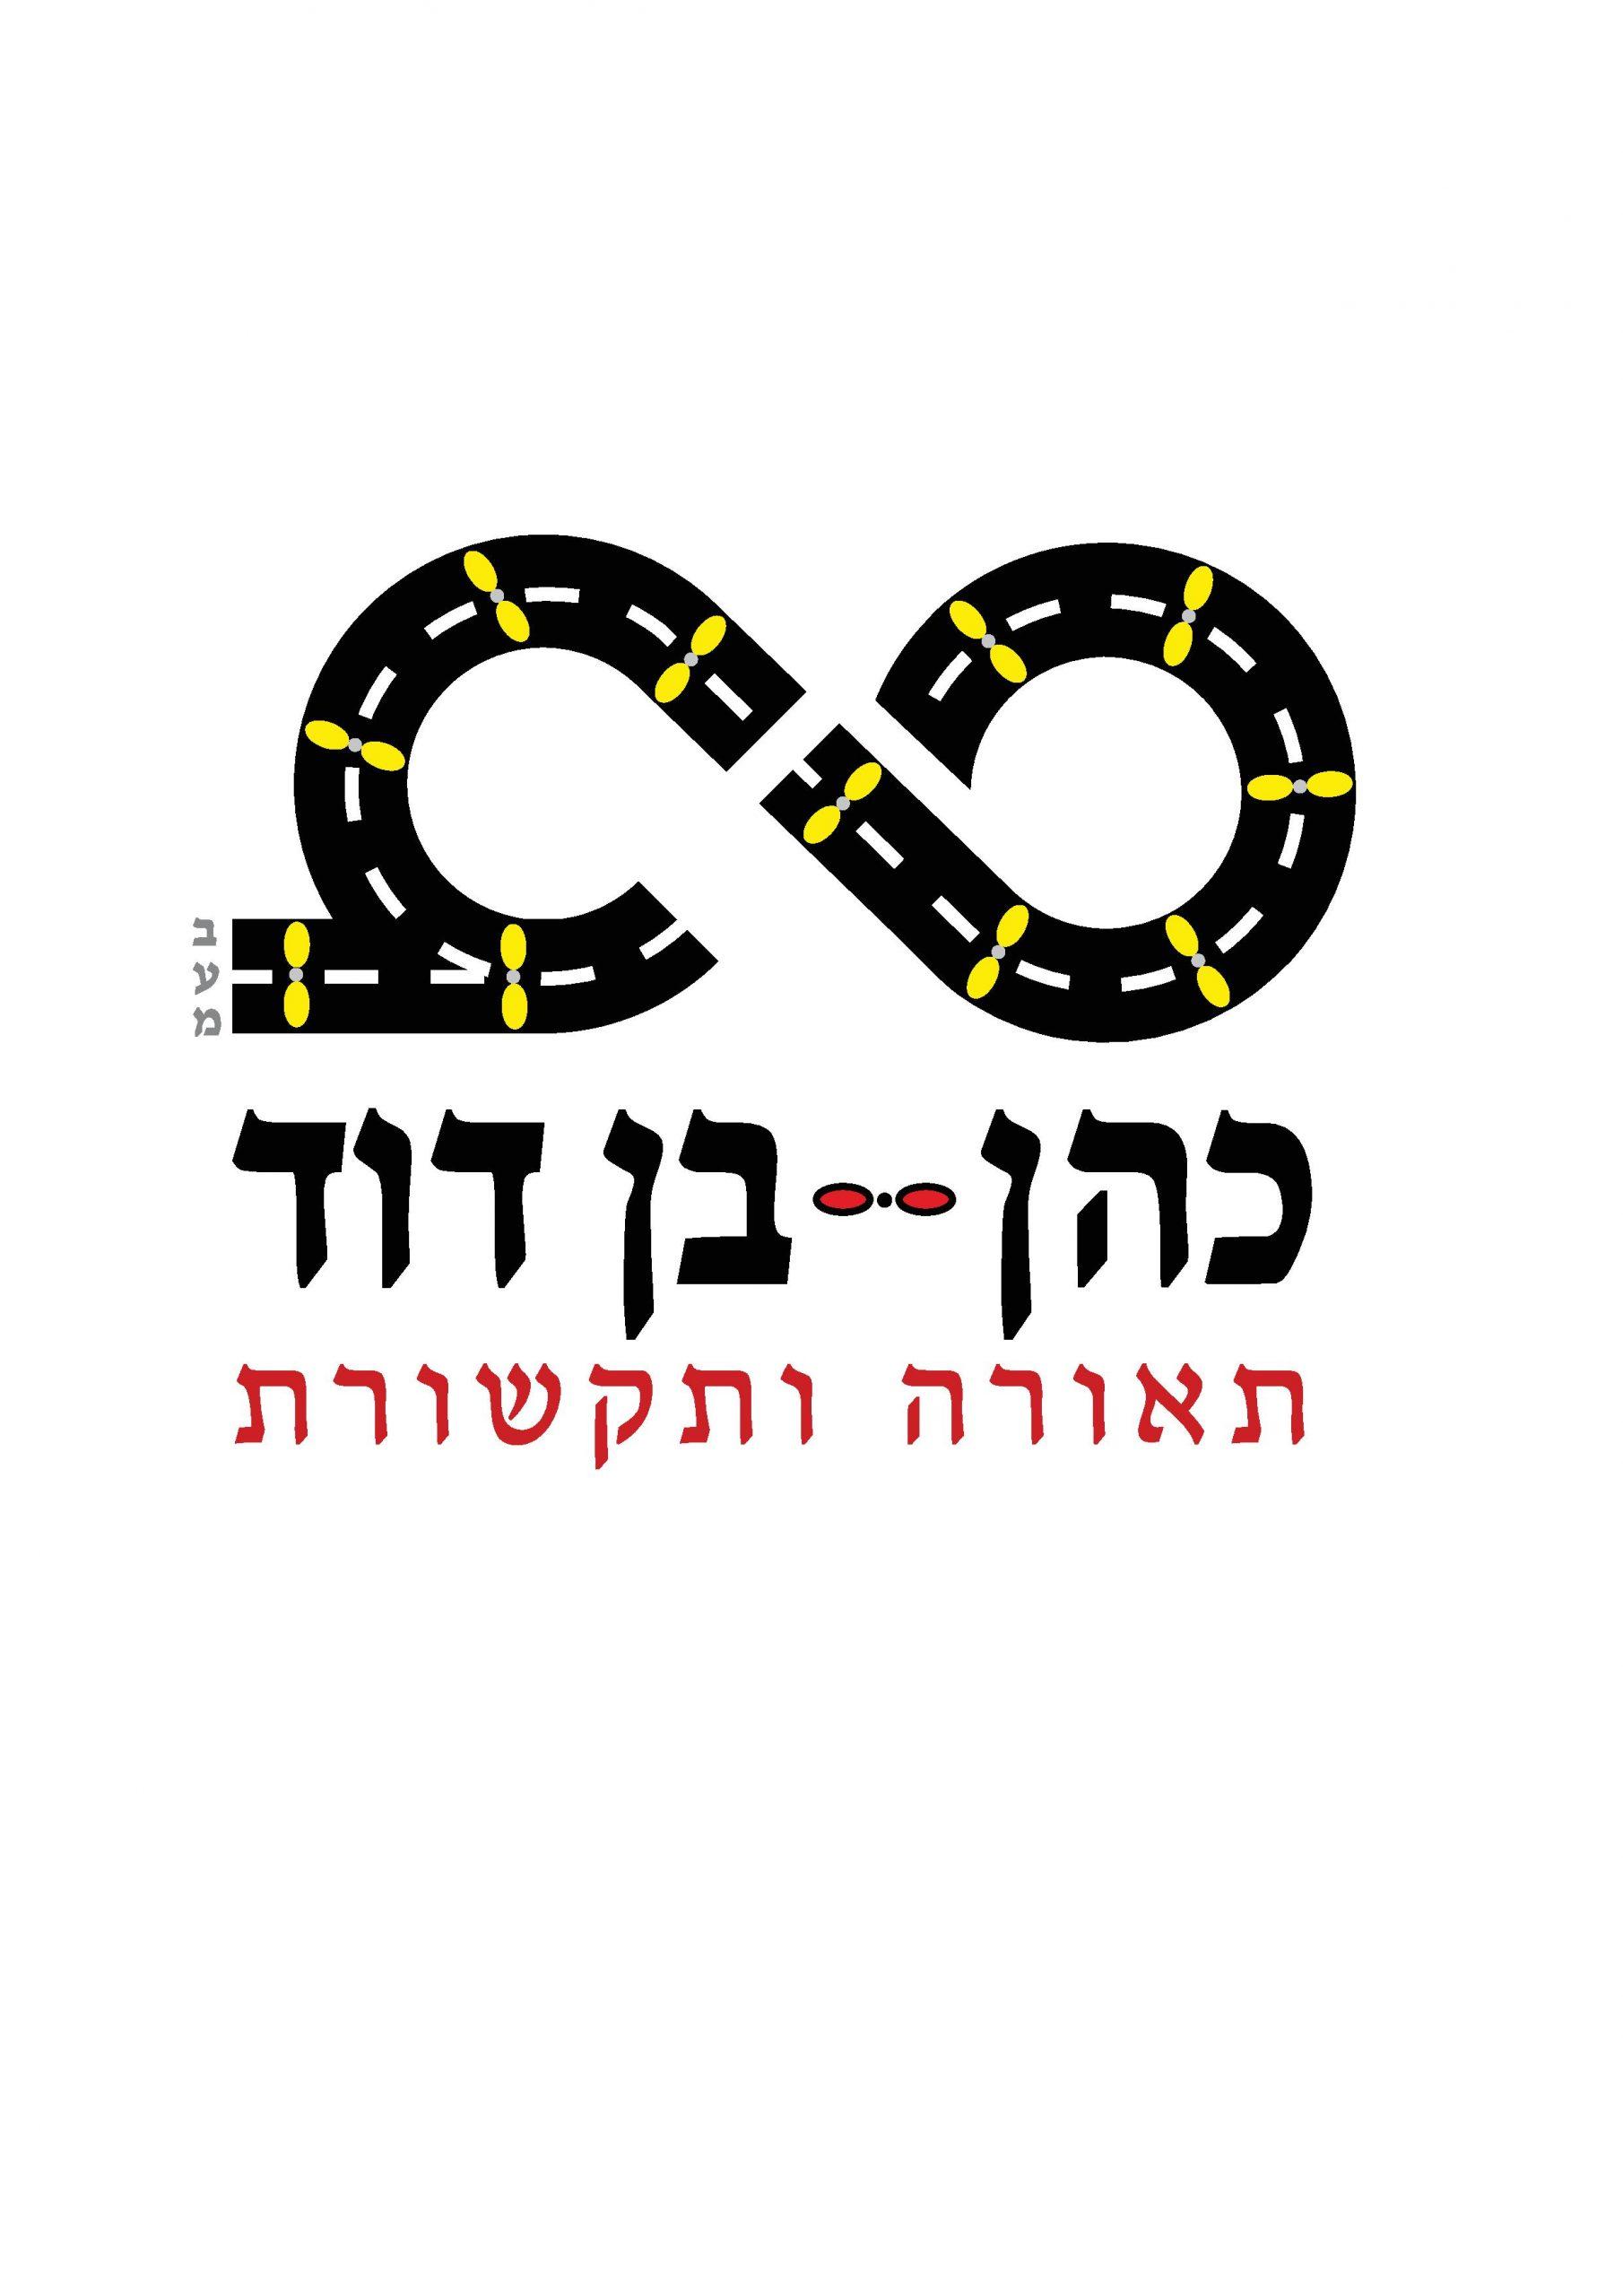 דף לוגו כהן את בן דוד 3-6-09